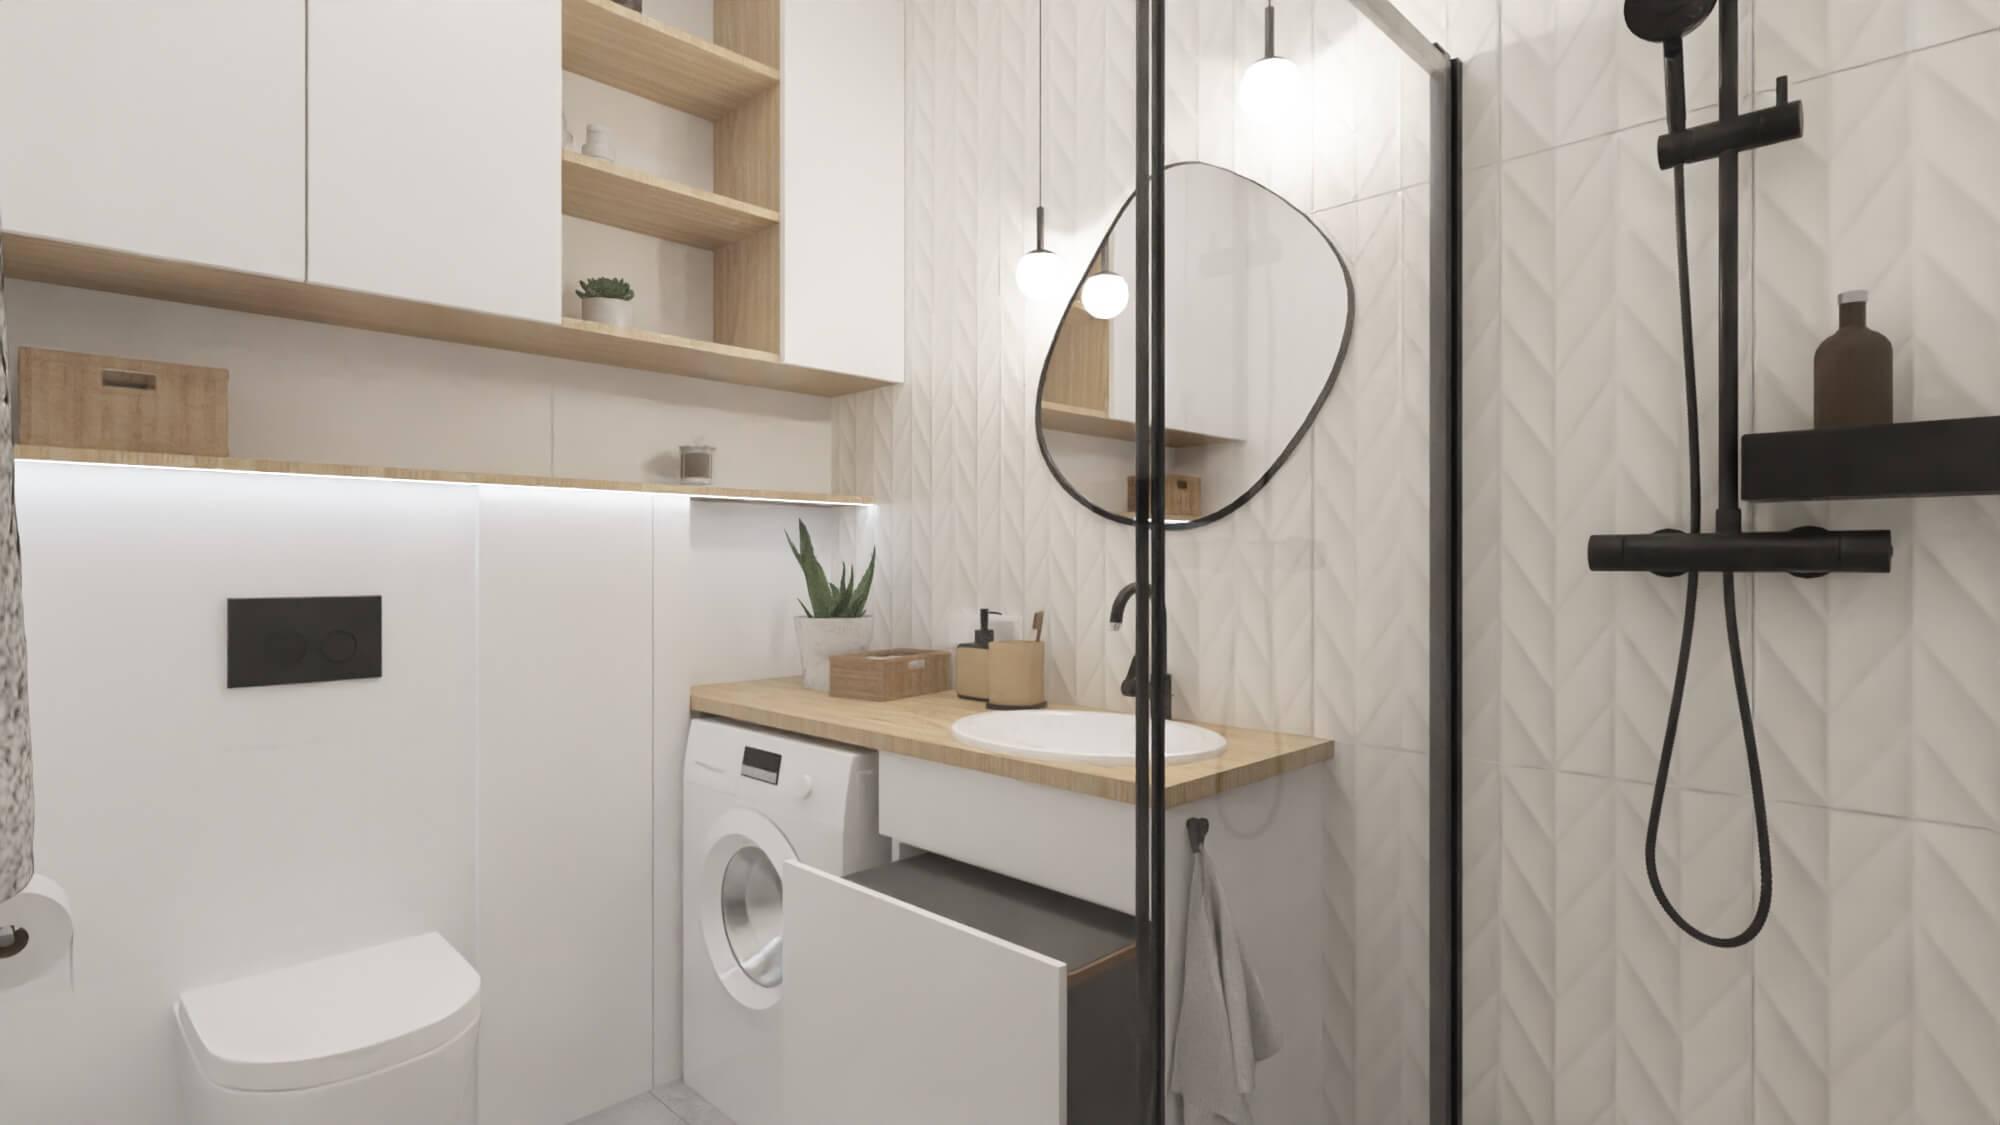 projekt wnętrza mieszkania na wynajem - cargo pod umywalką z koszem na bieliznę